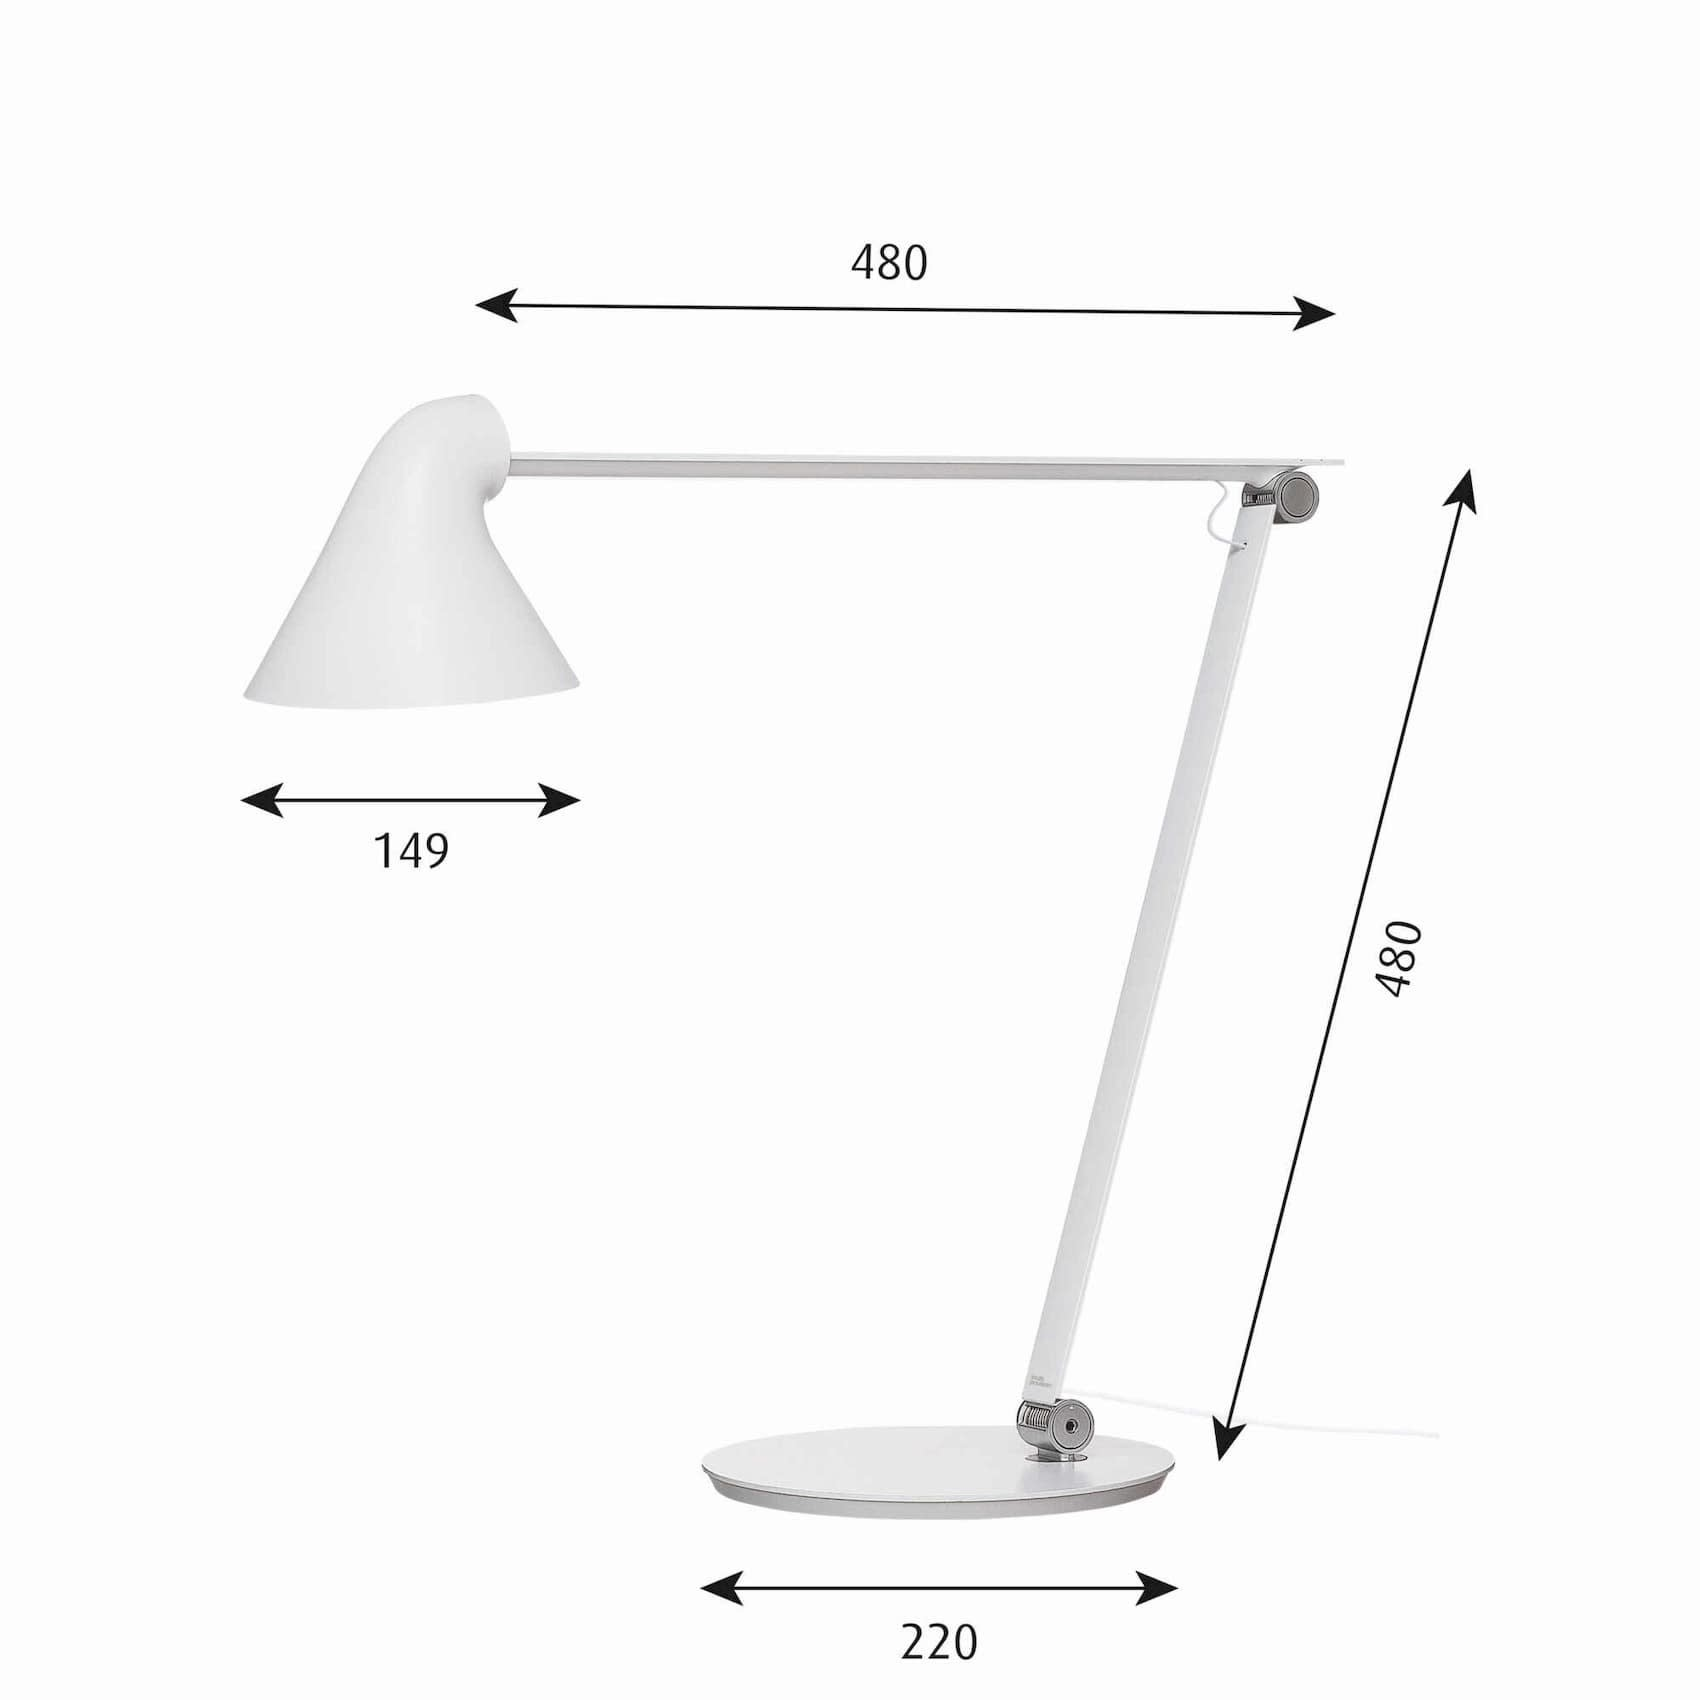 louis-poulsen-njp-lamp-dimensions